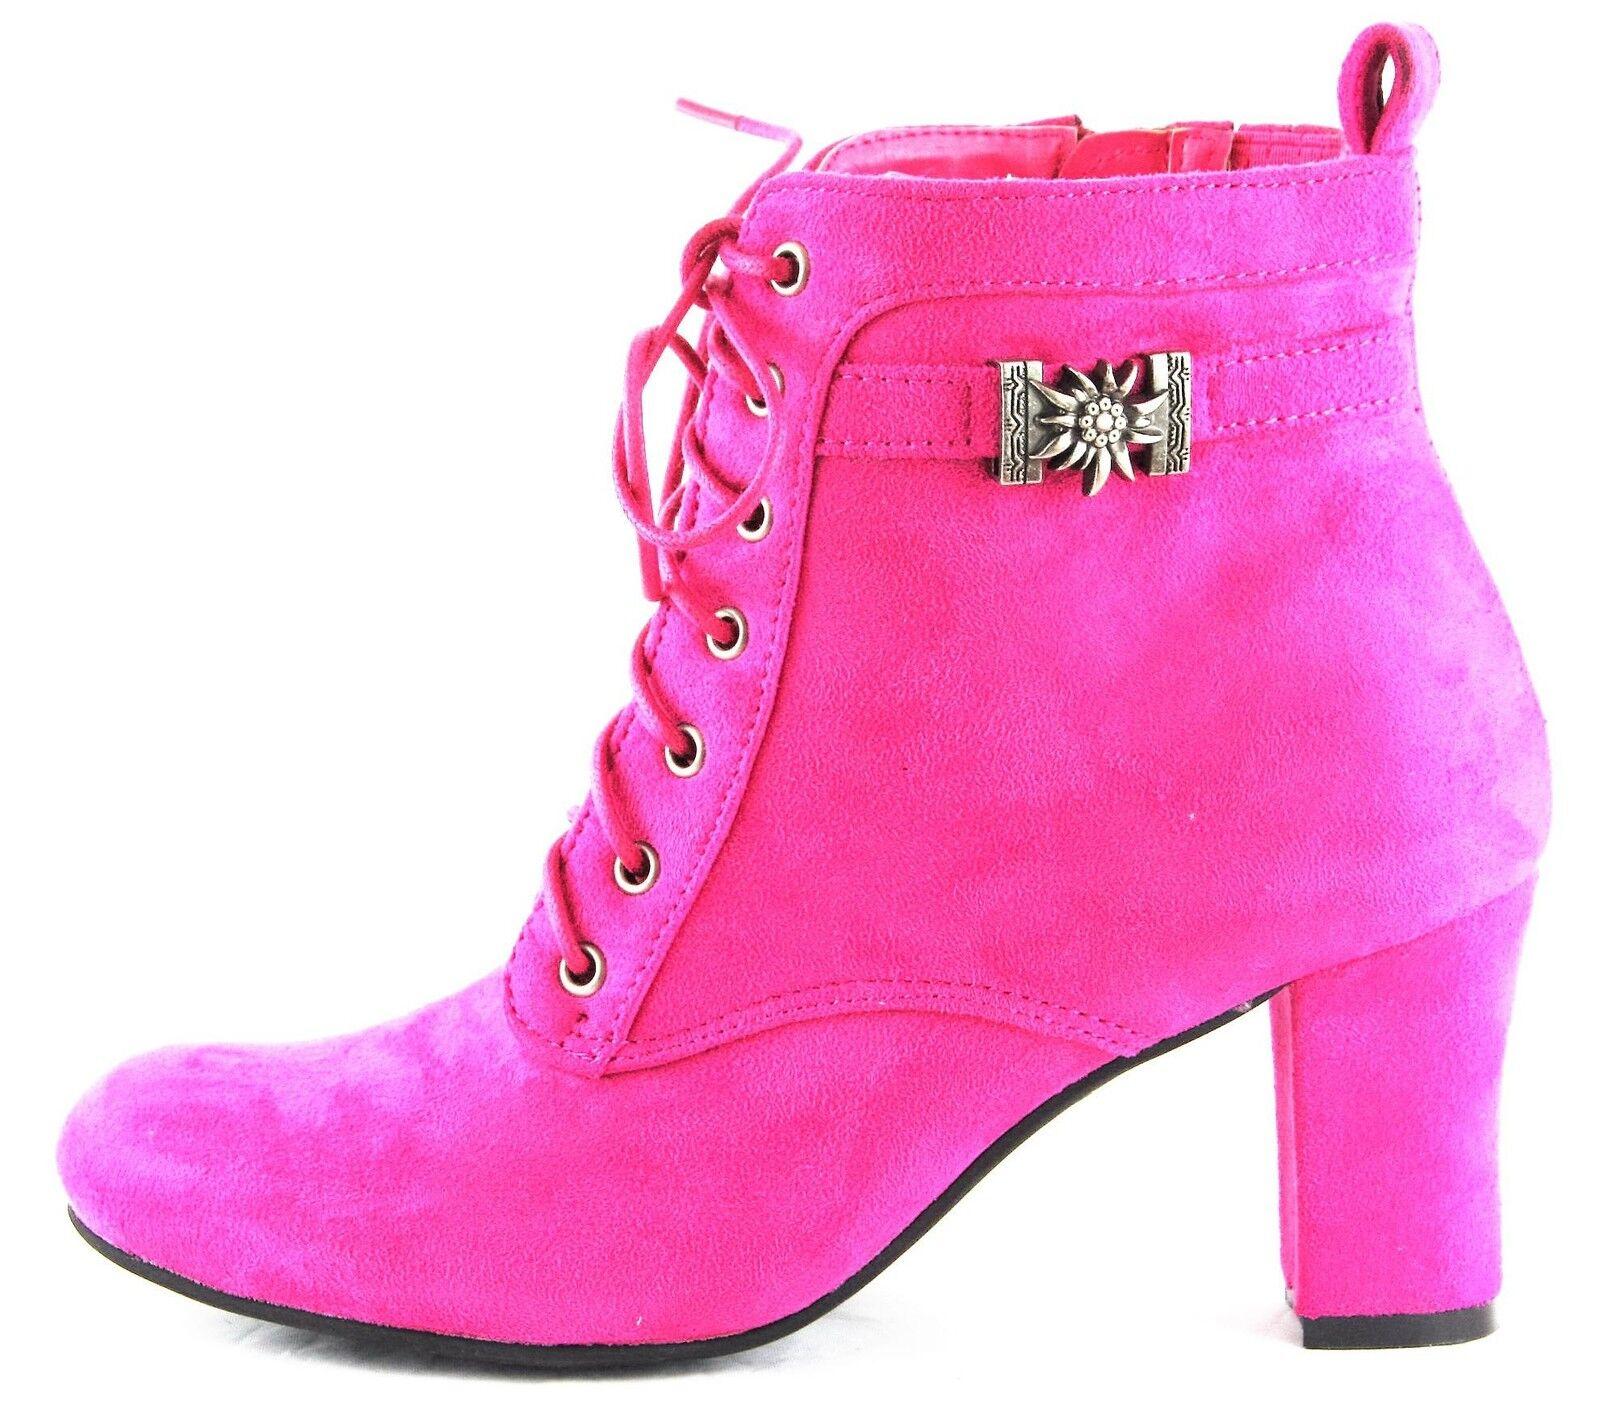 Descuento barato Hirschkogel Stiefel Stiefelette Trachtenschuhe High Heels Pink 2069